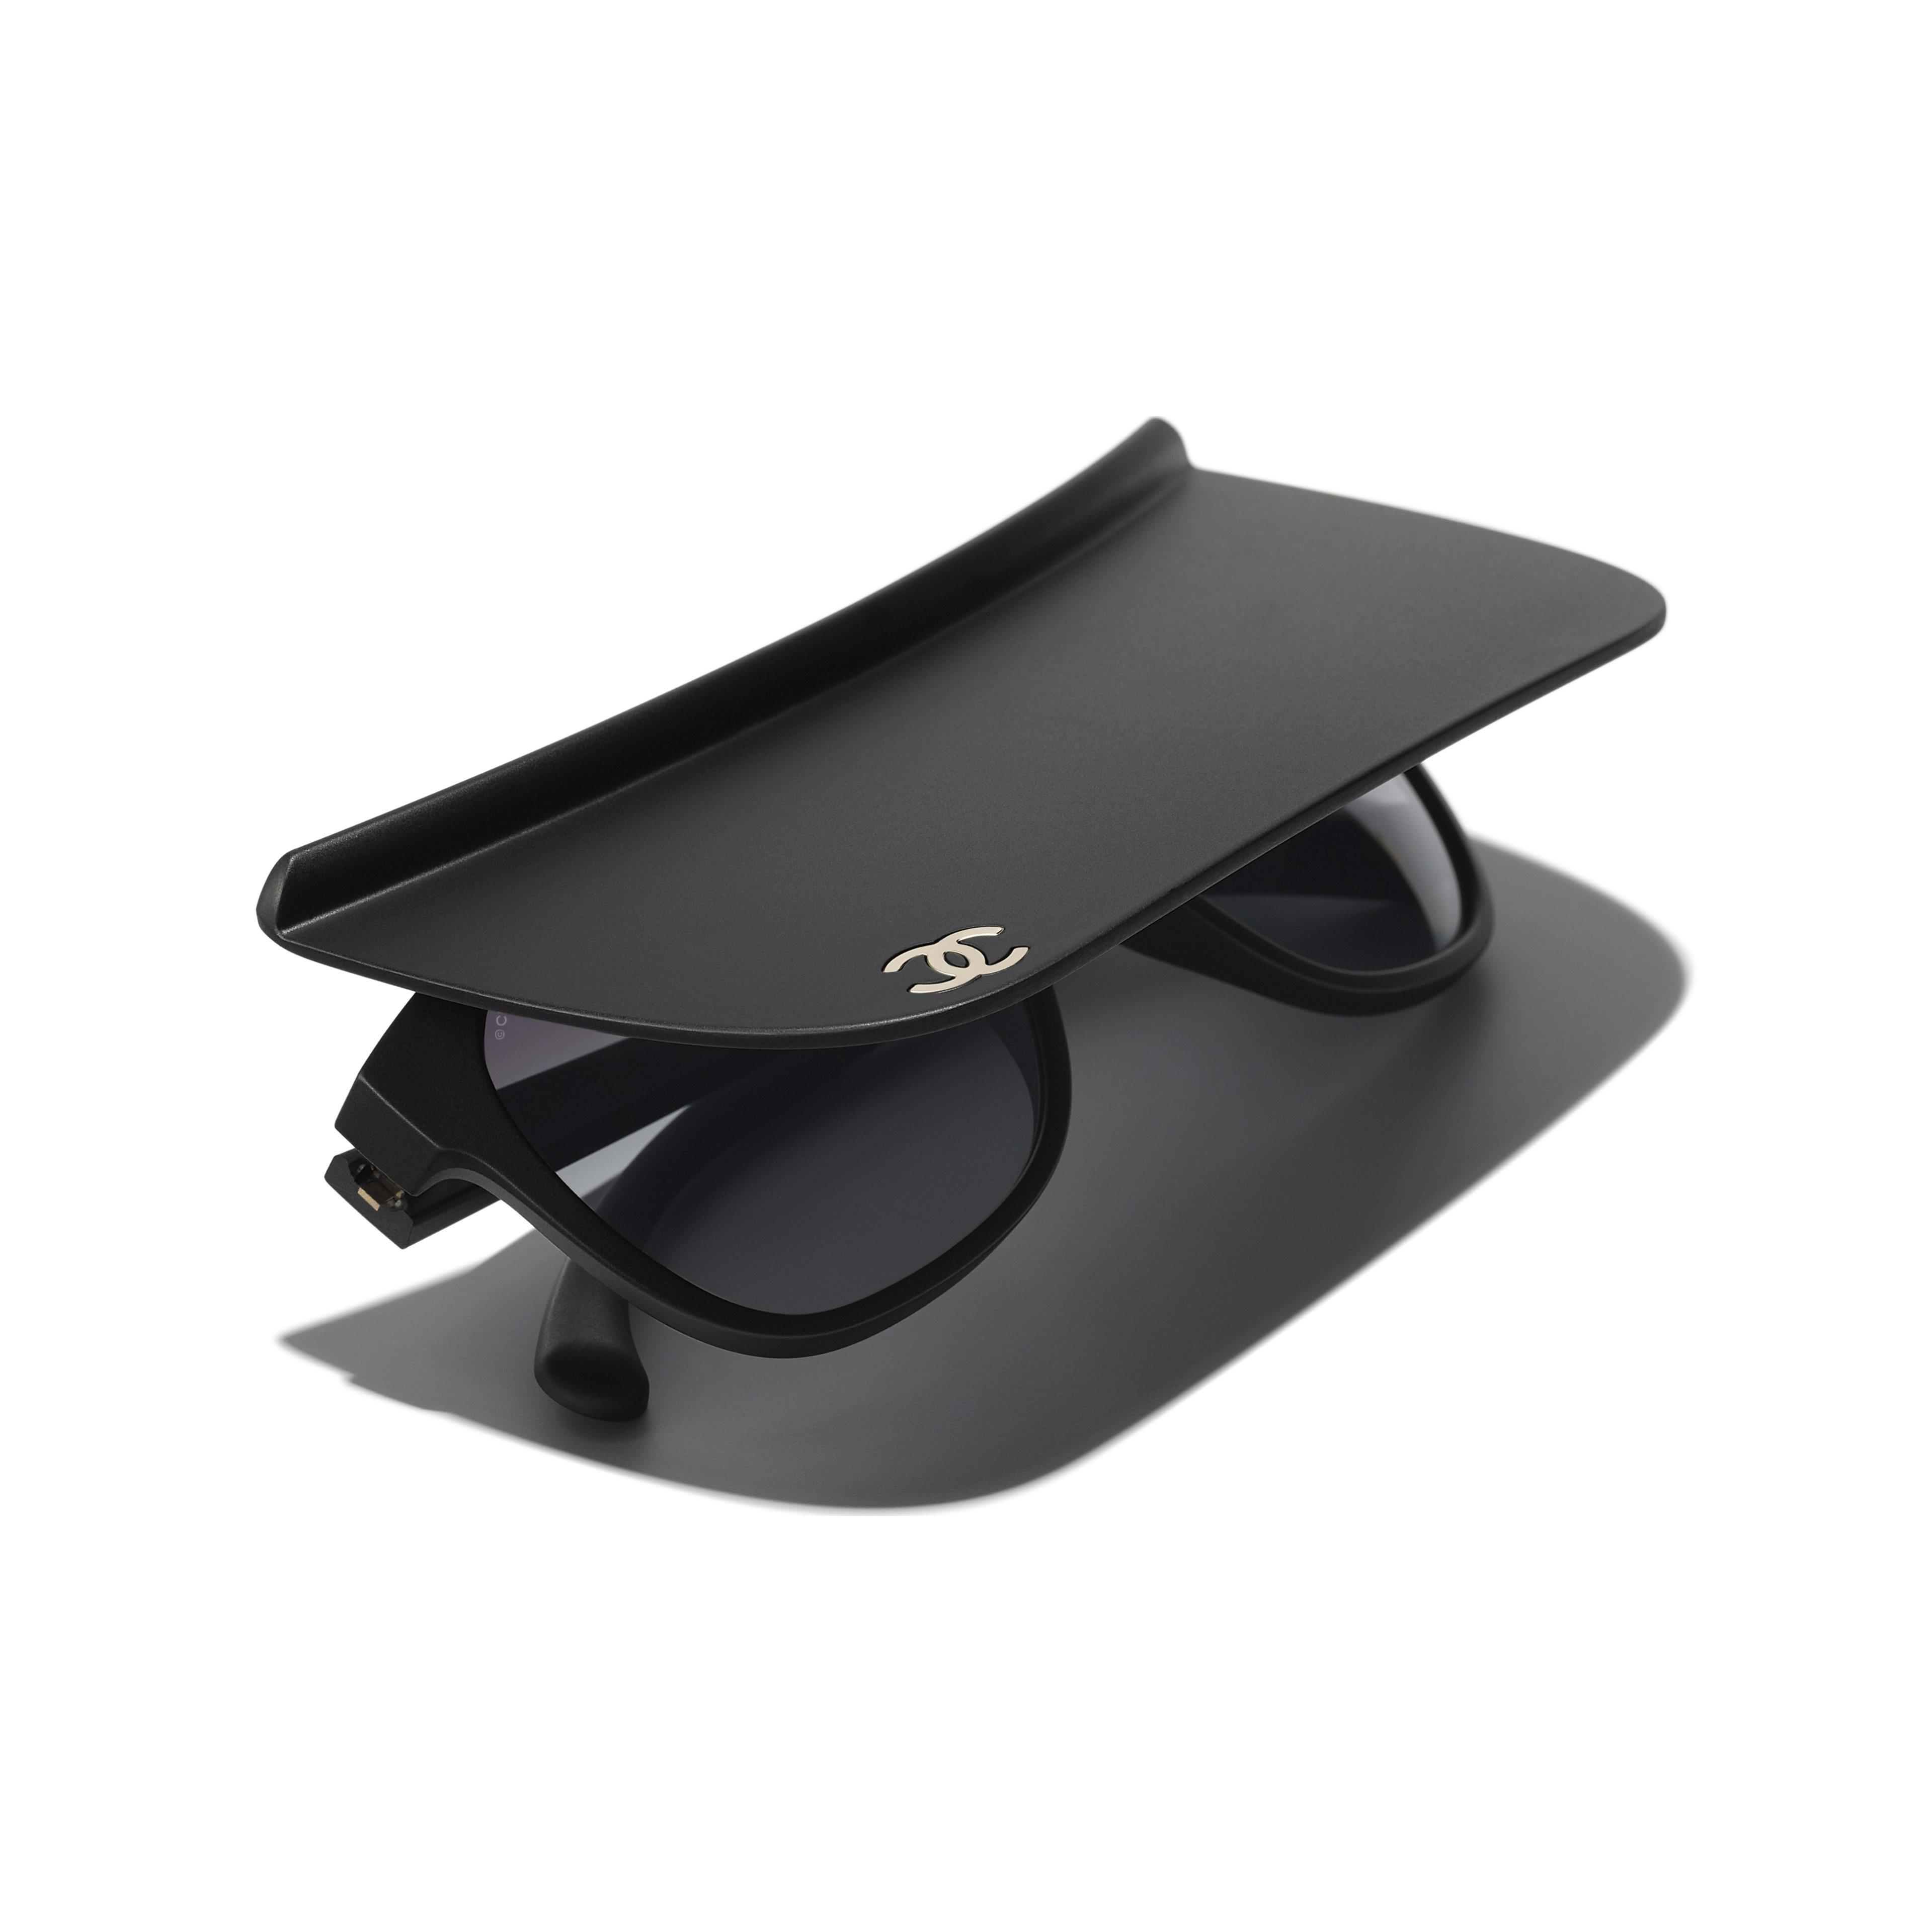 Occhiali a visiera - Nero - Nylon - CHANEL - Immagine extra - vedere versione standard